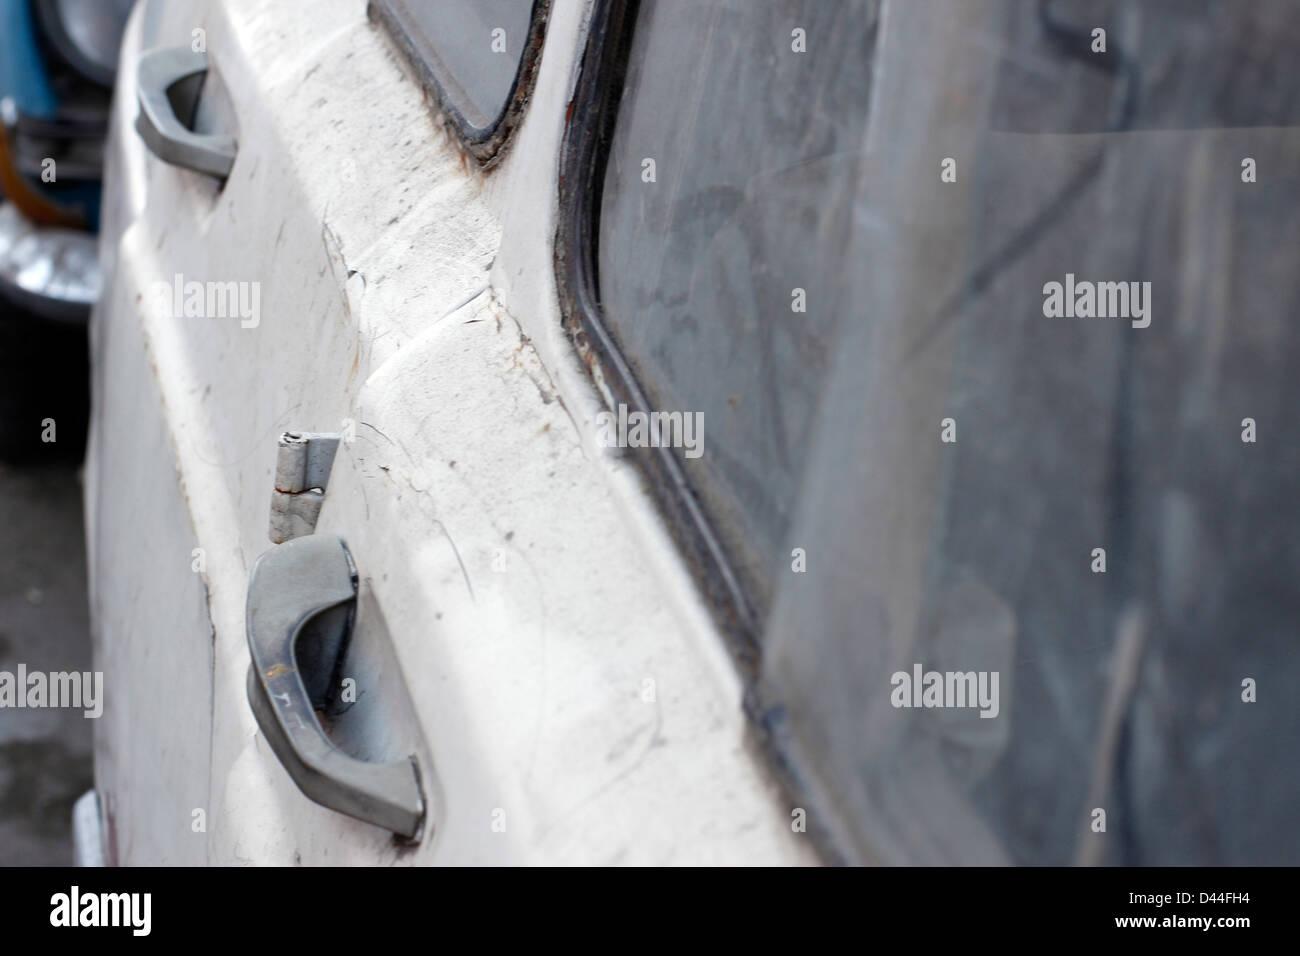 Broke down car - Stock Image